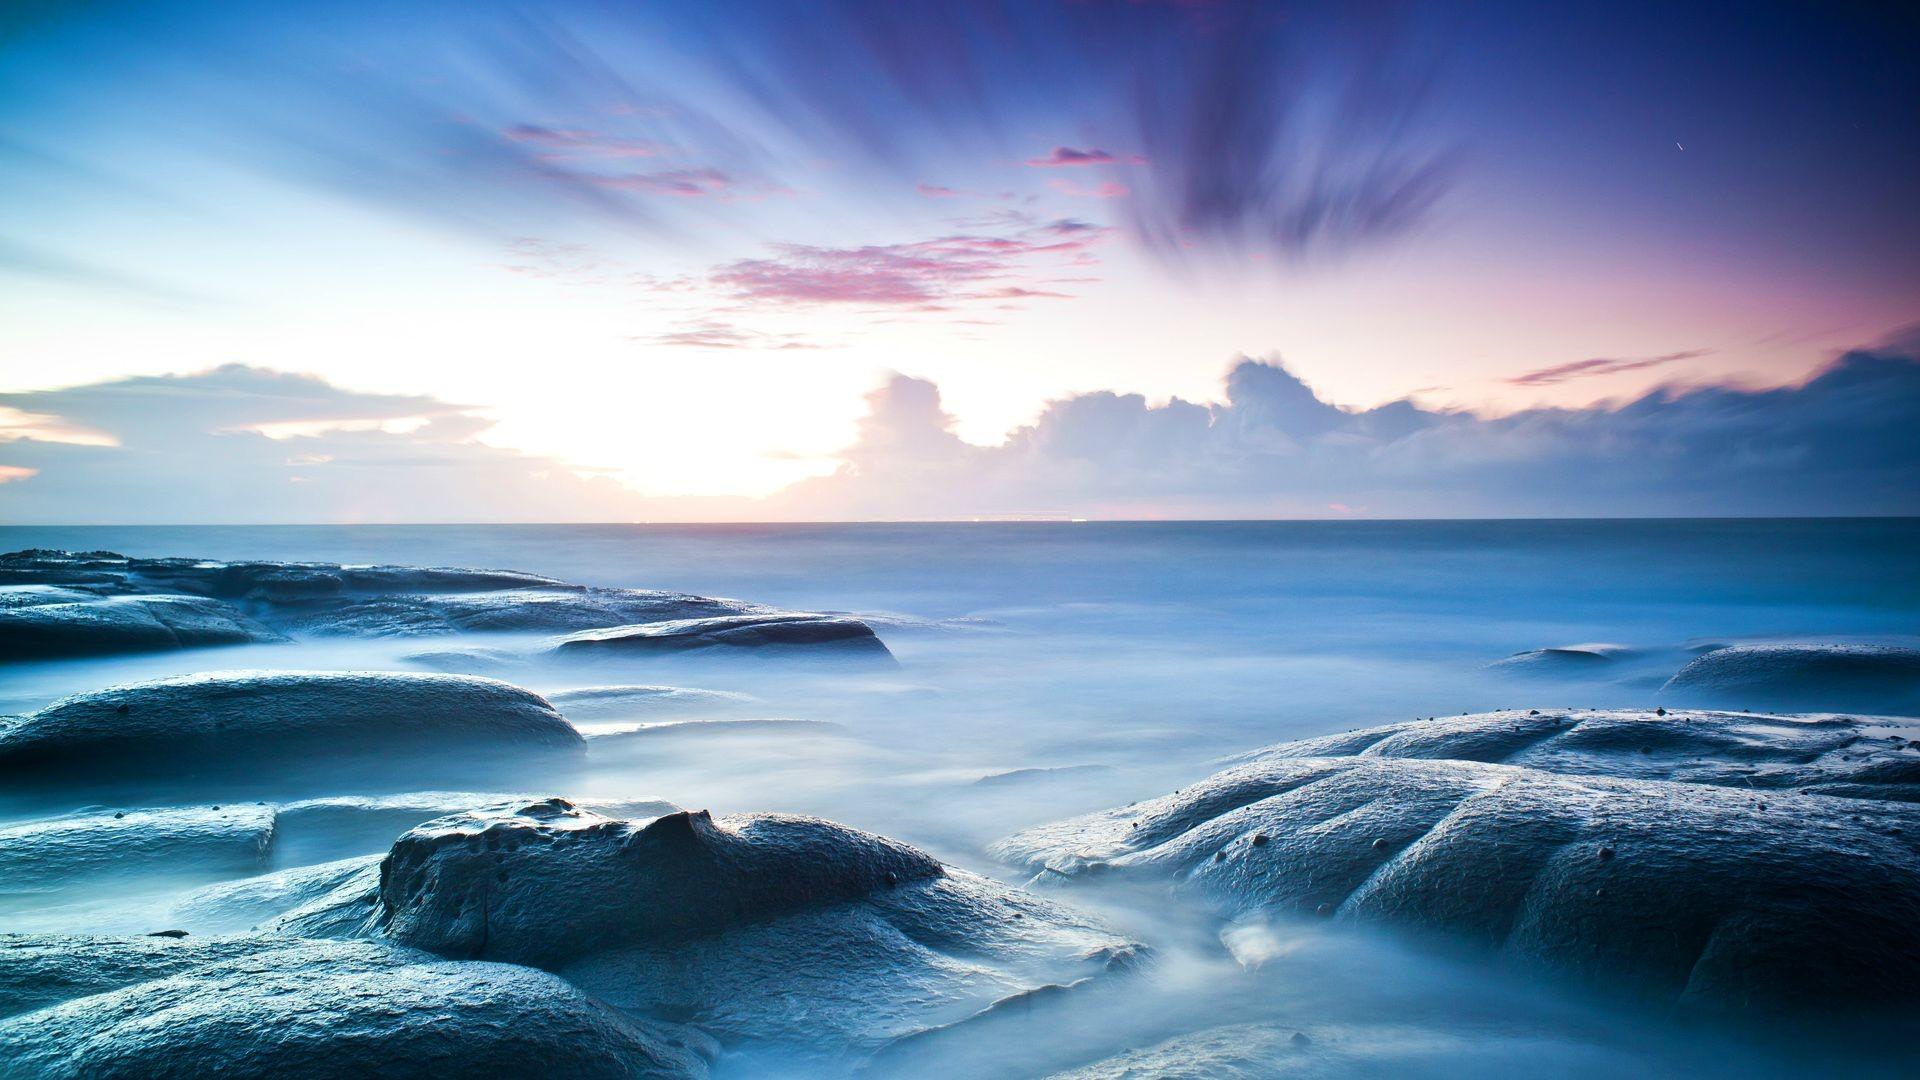 fantastic seascape wallpaper 29229